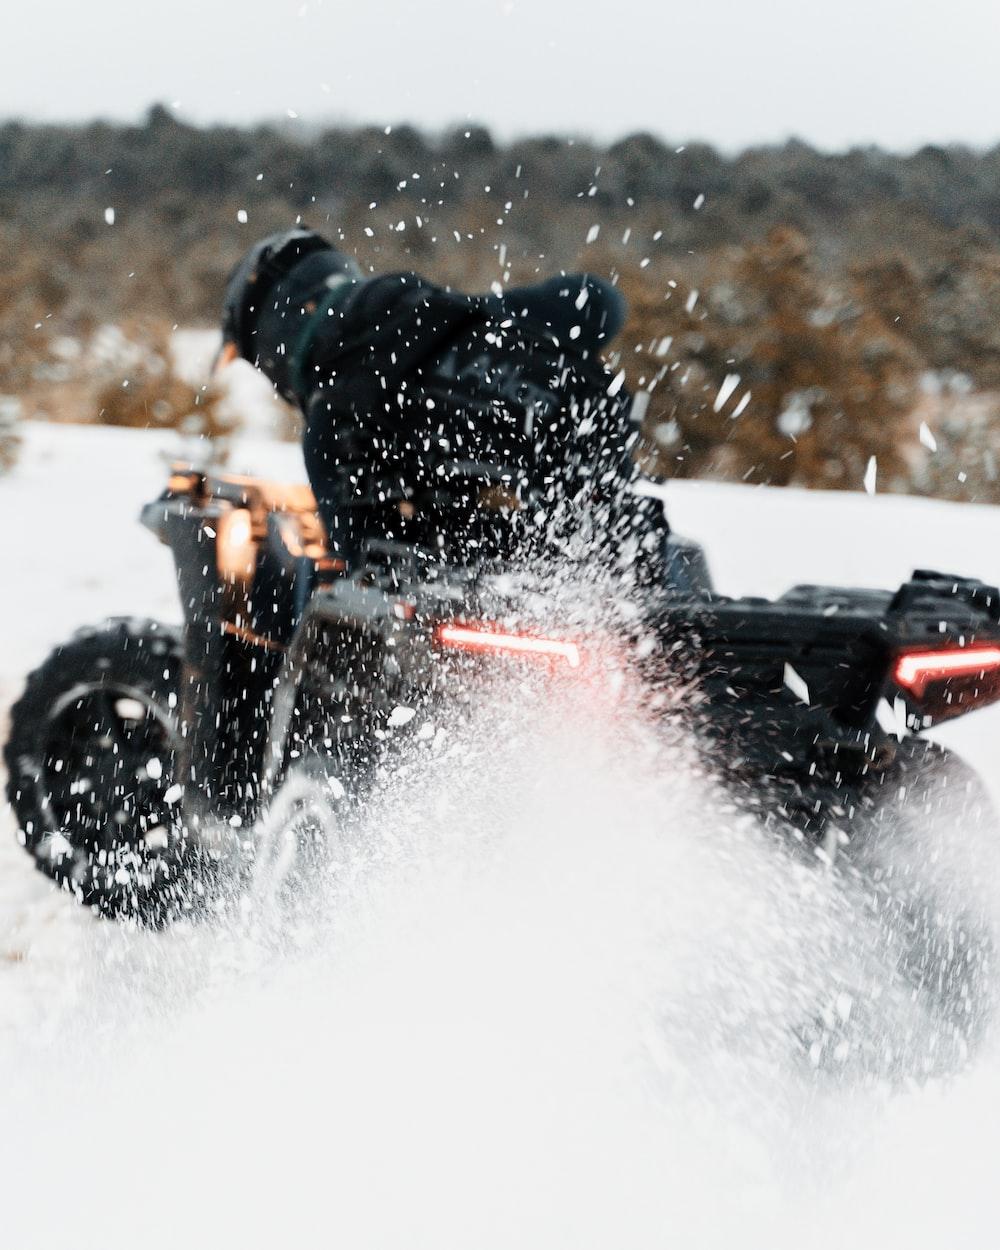 man riding black motorcycle on water